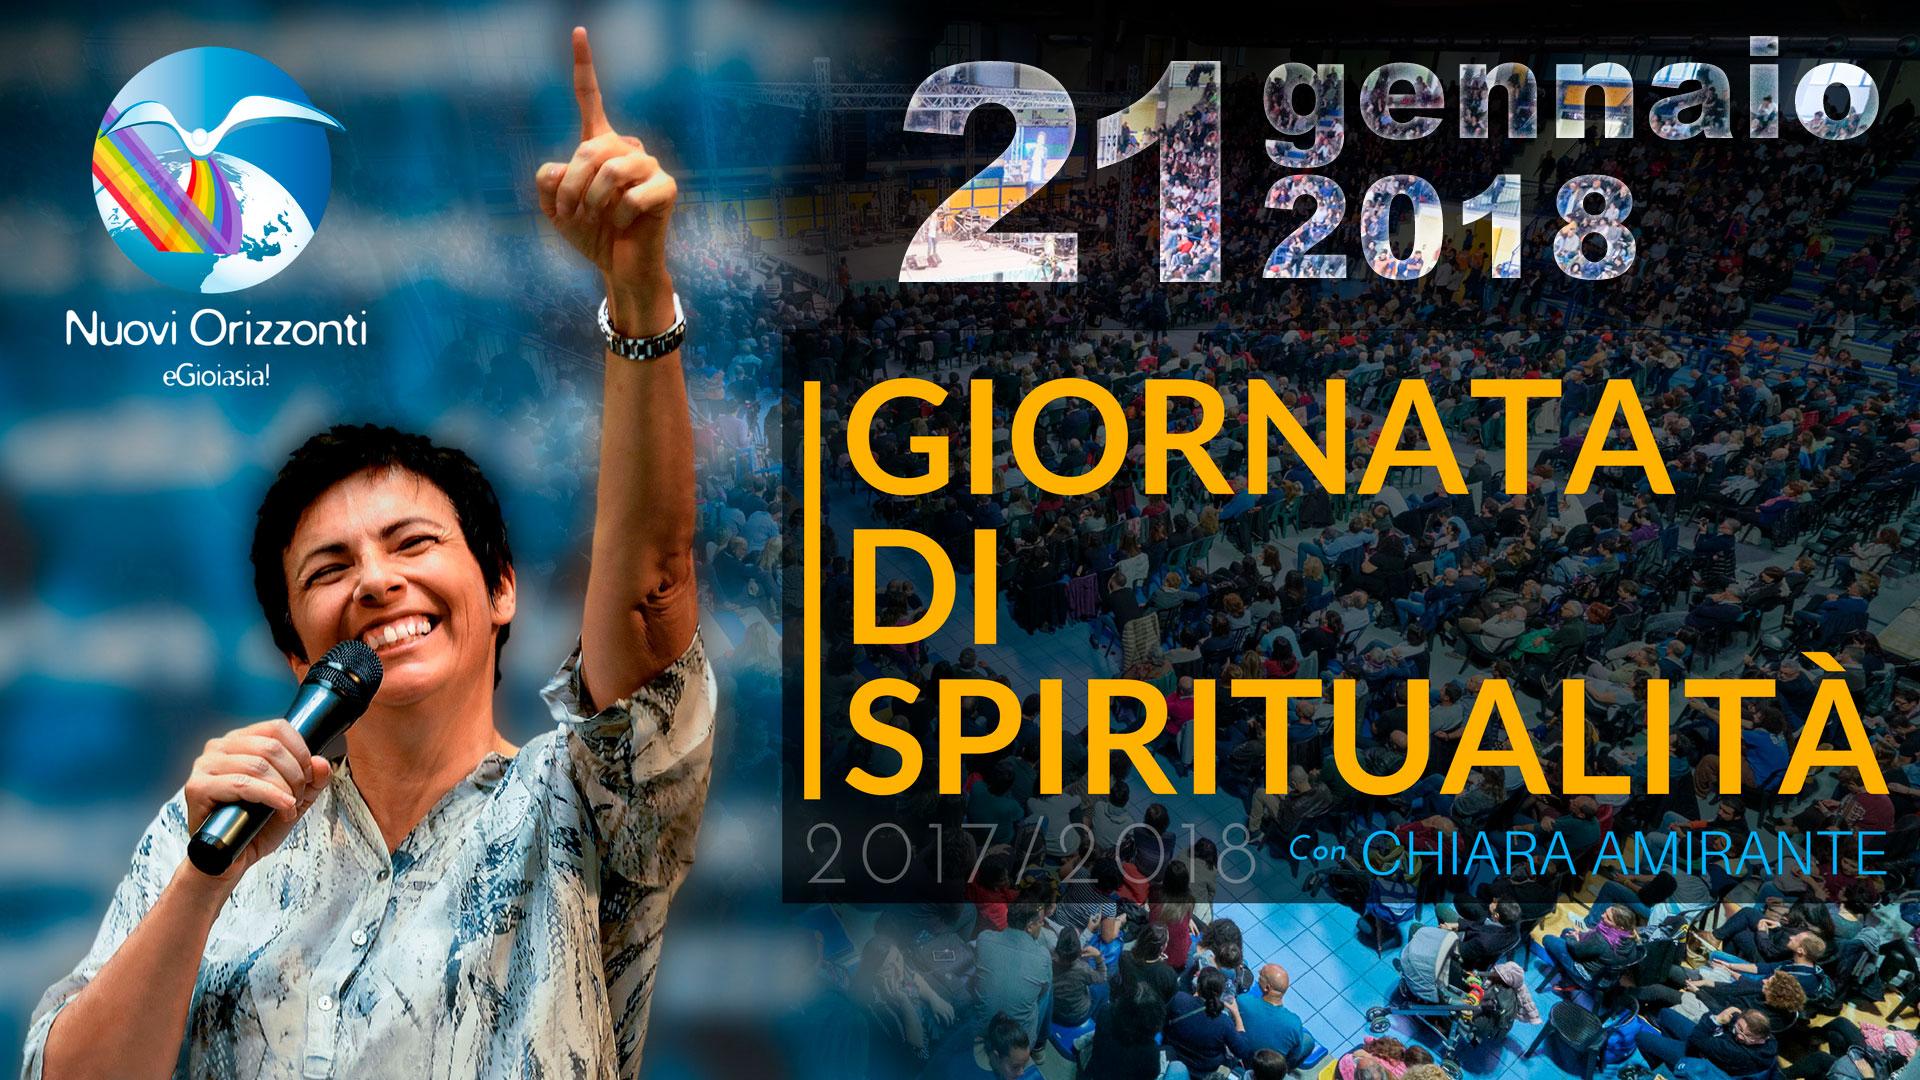 Giornata Spiritualità Gennaio - Nuovi Orizzonti